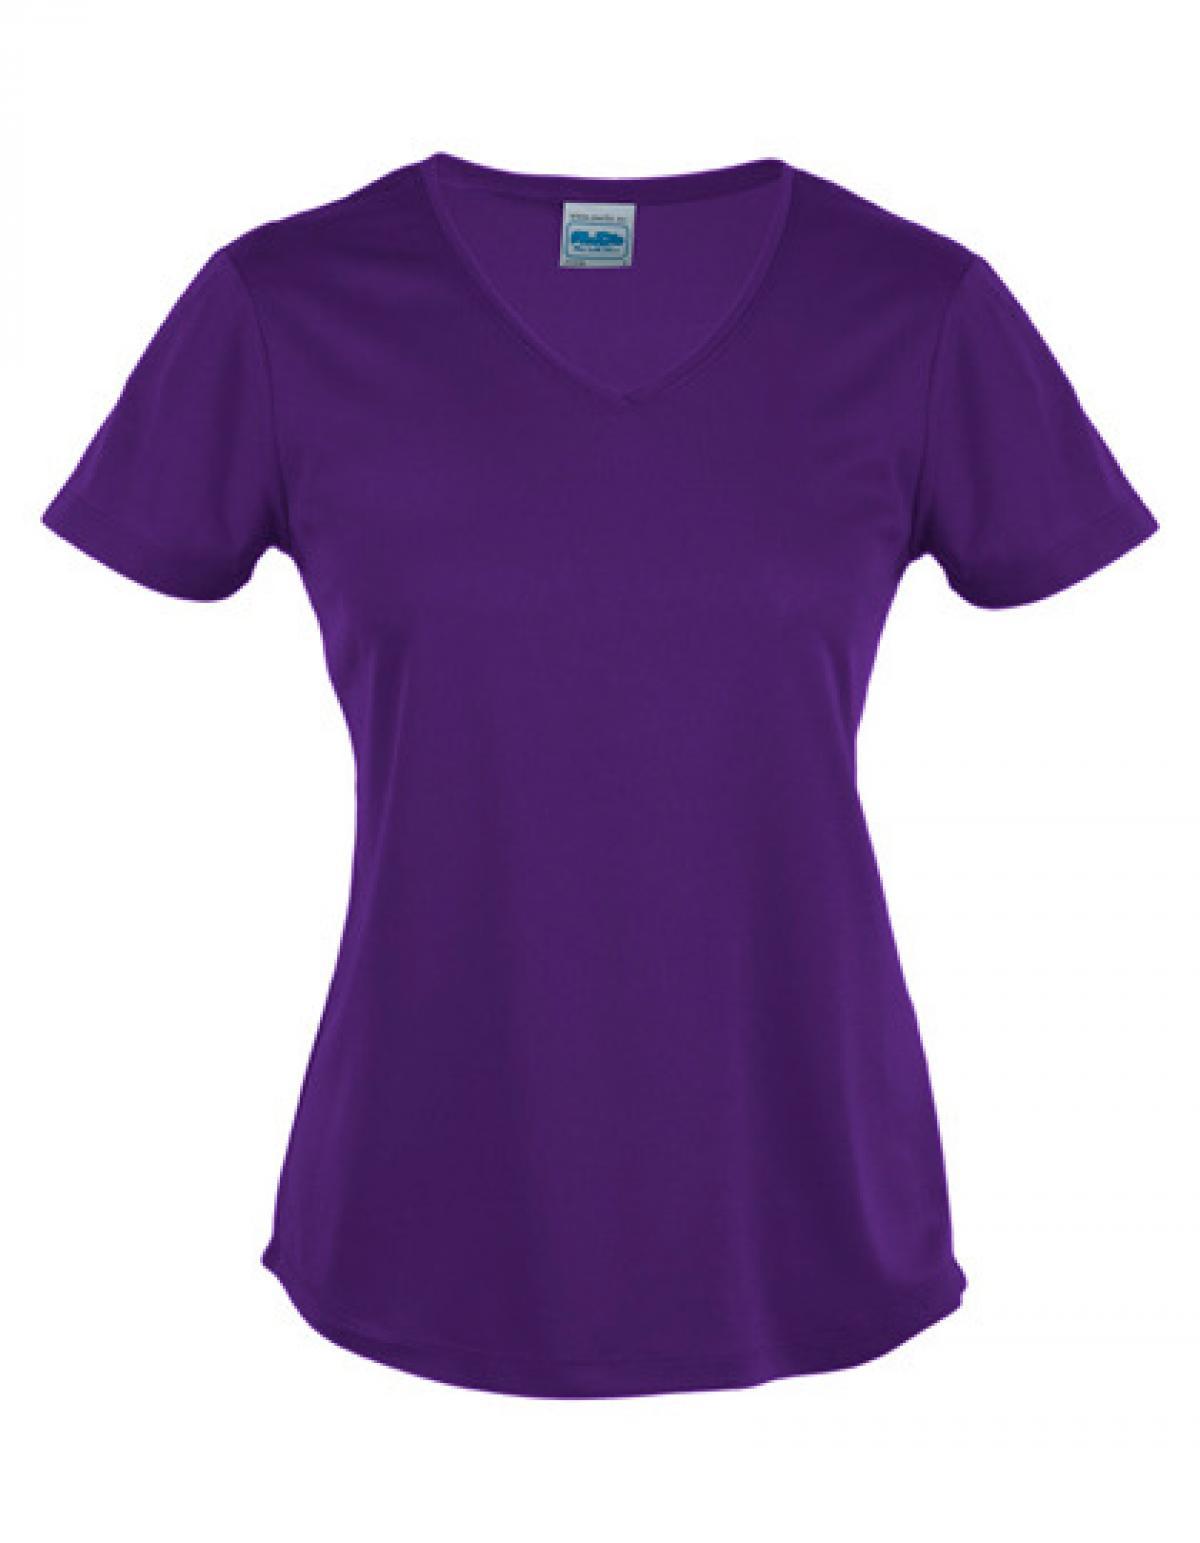 damen sport t shirt v neck cool zertifiziert nach wrap just cool ebay. Black Bedroom Furniture Sets. Home Design Ideas